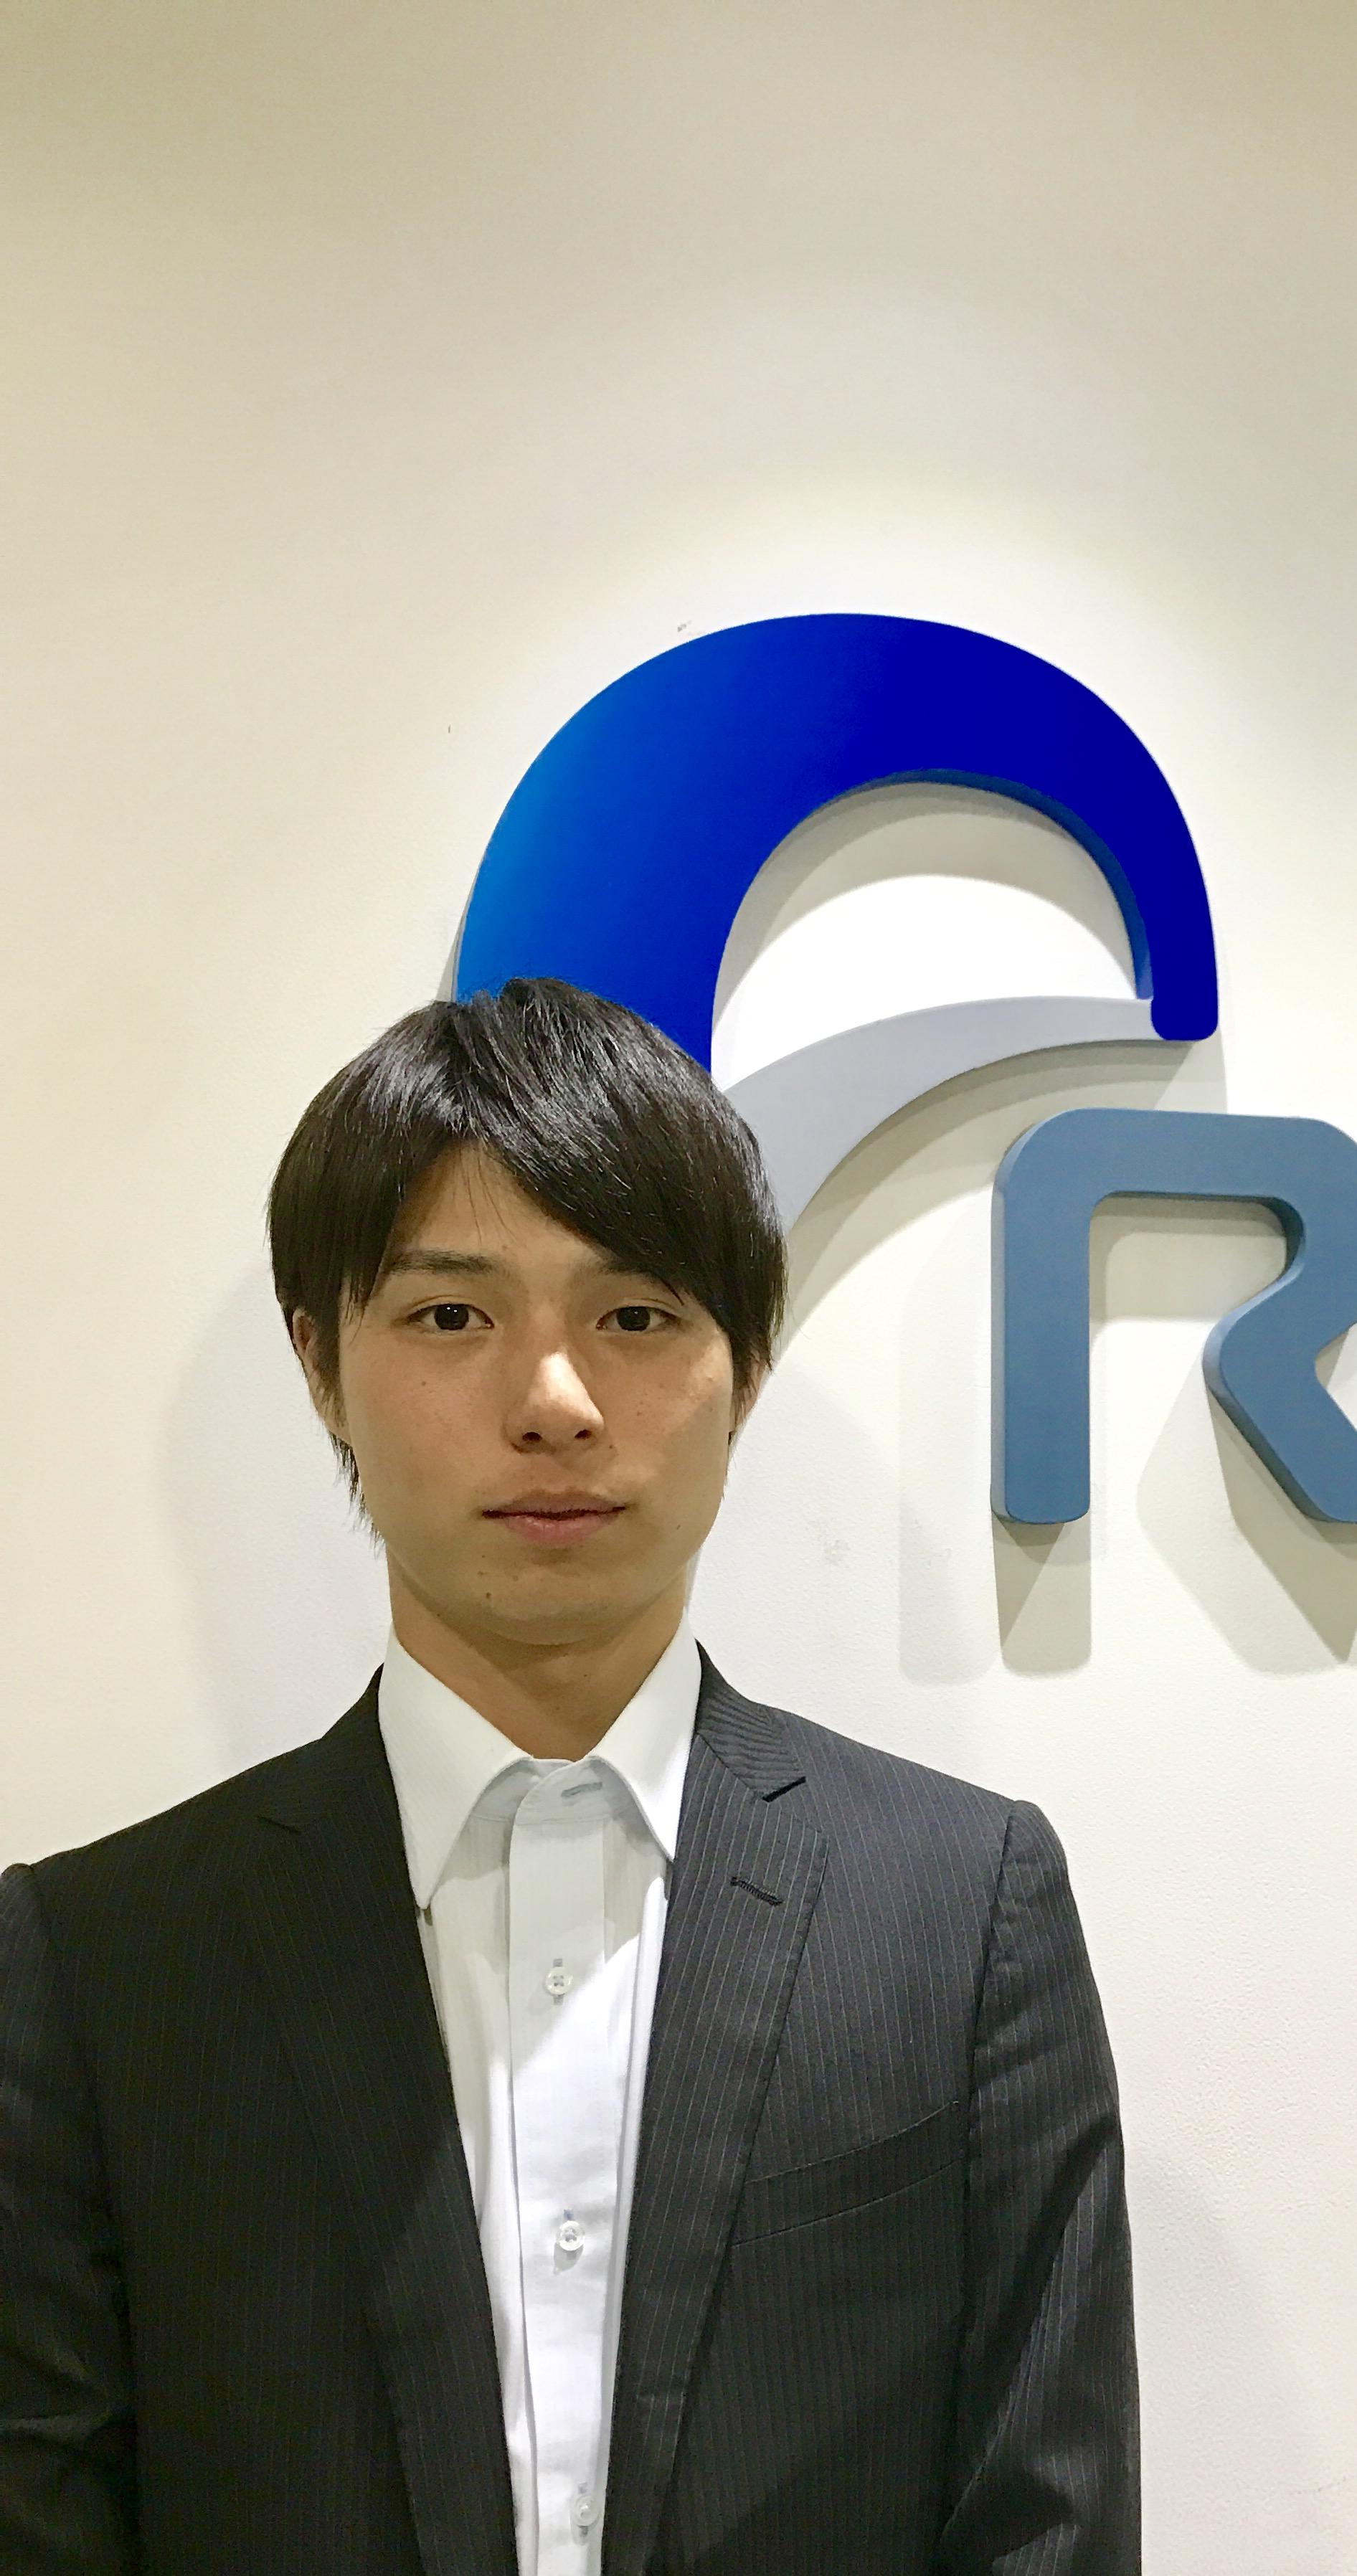 Takuya Tanaka / 田中 拓也